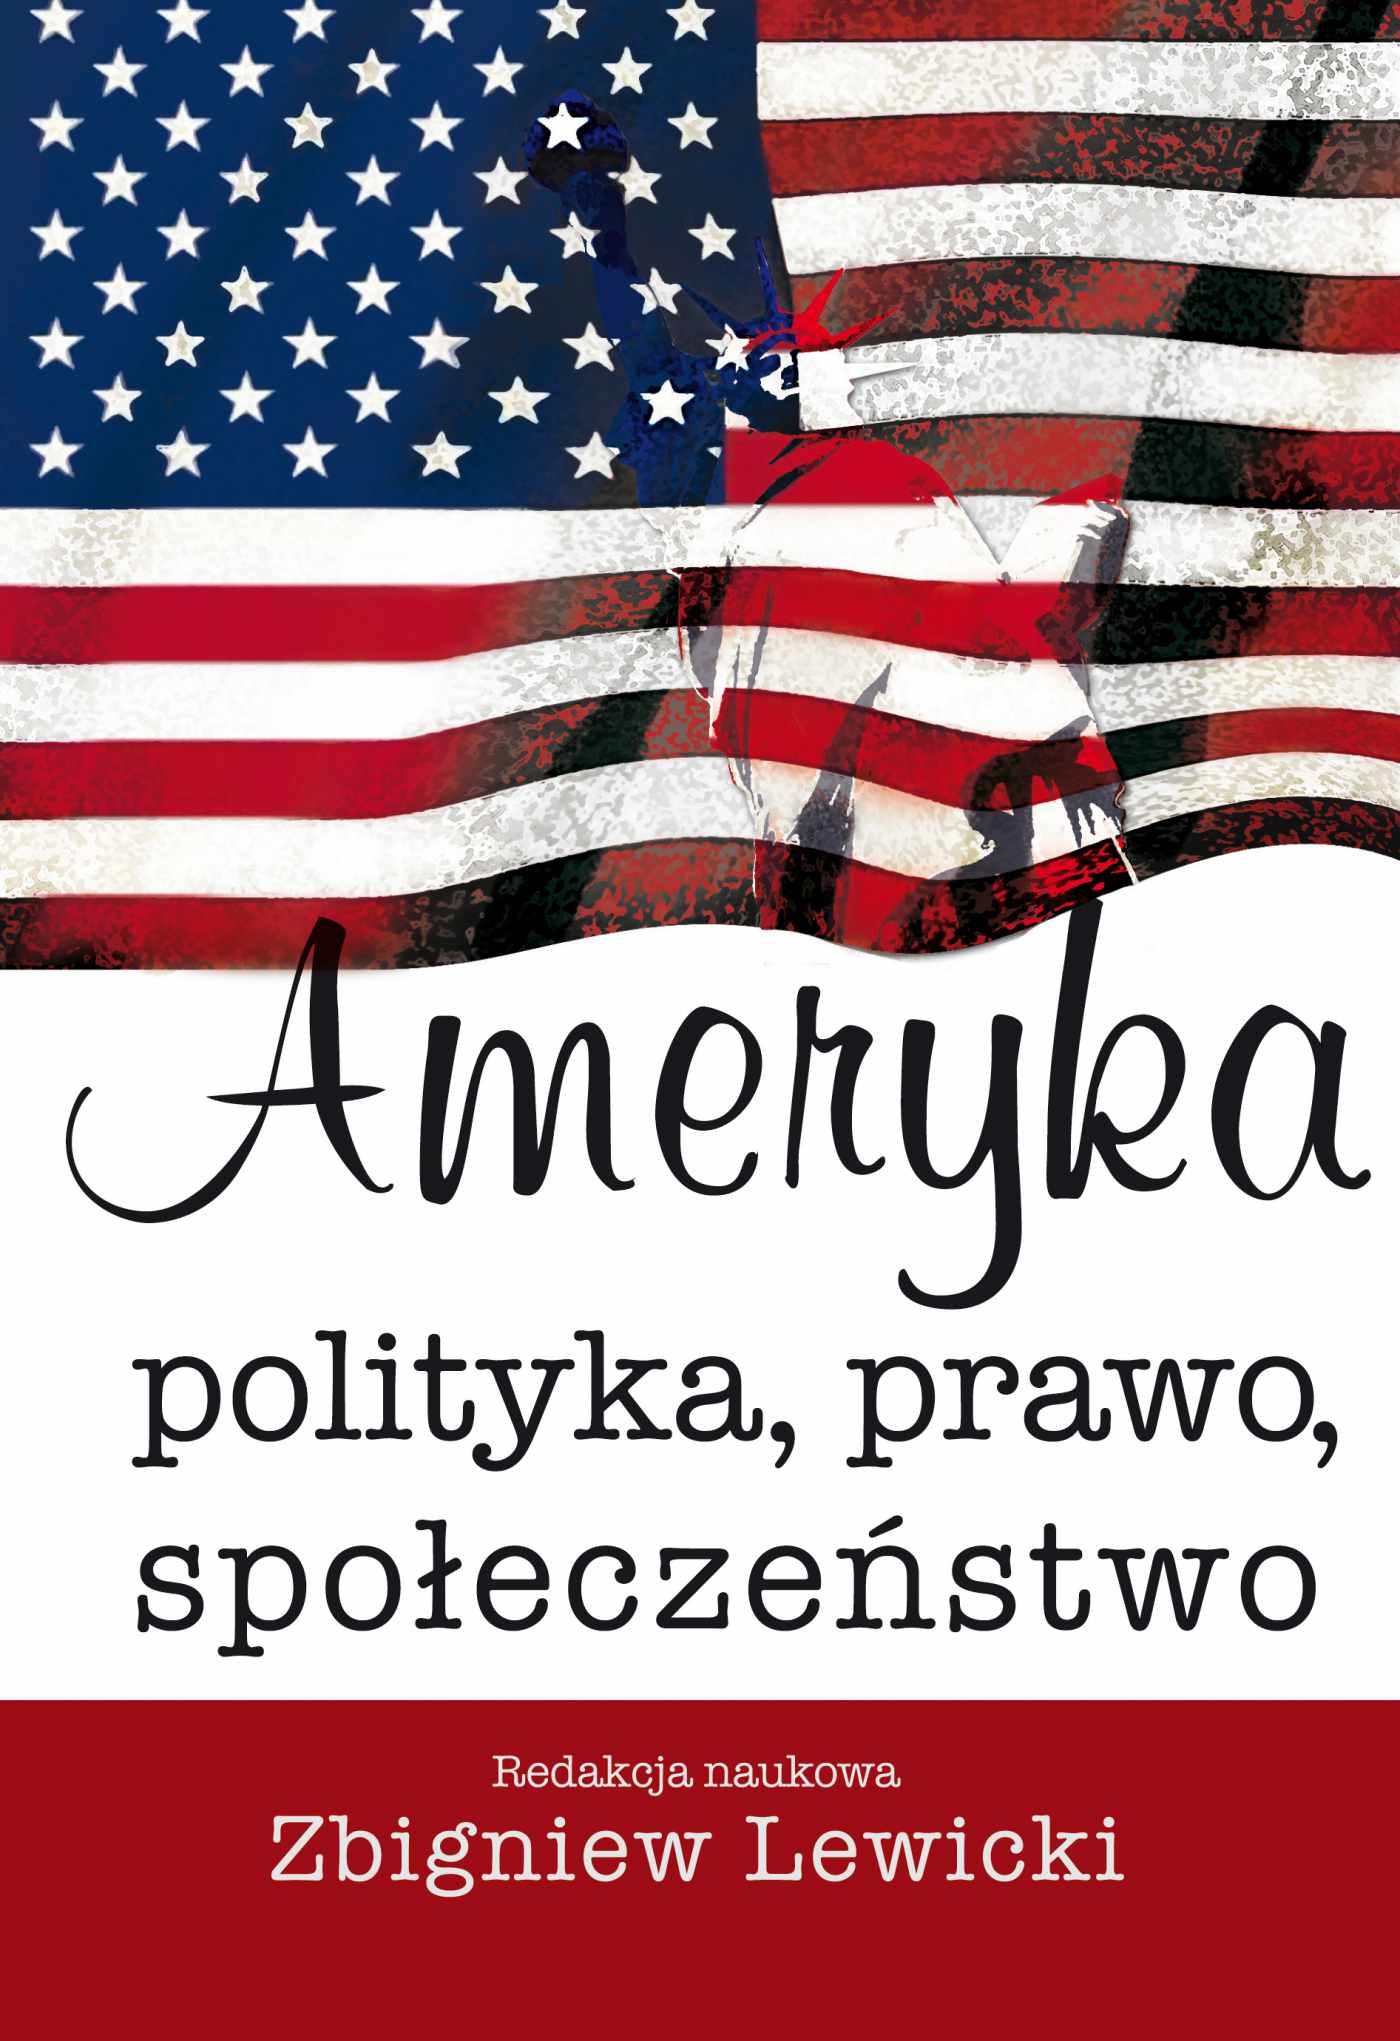 Ameryka. Polityka, prawo, społeczeństwo - Ebook (Książka PDF) do pobrania w formacie PDF